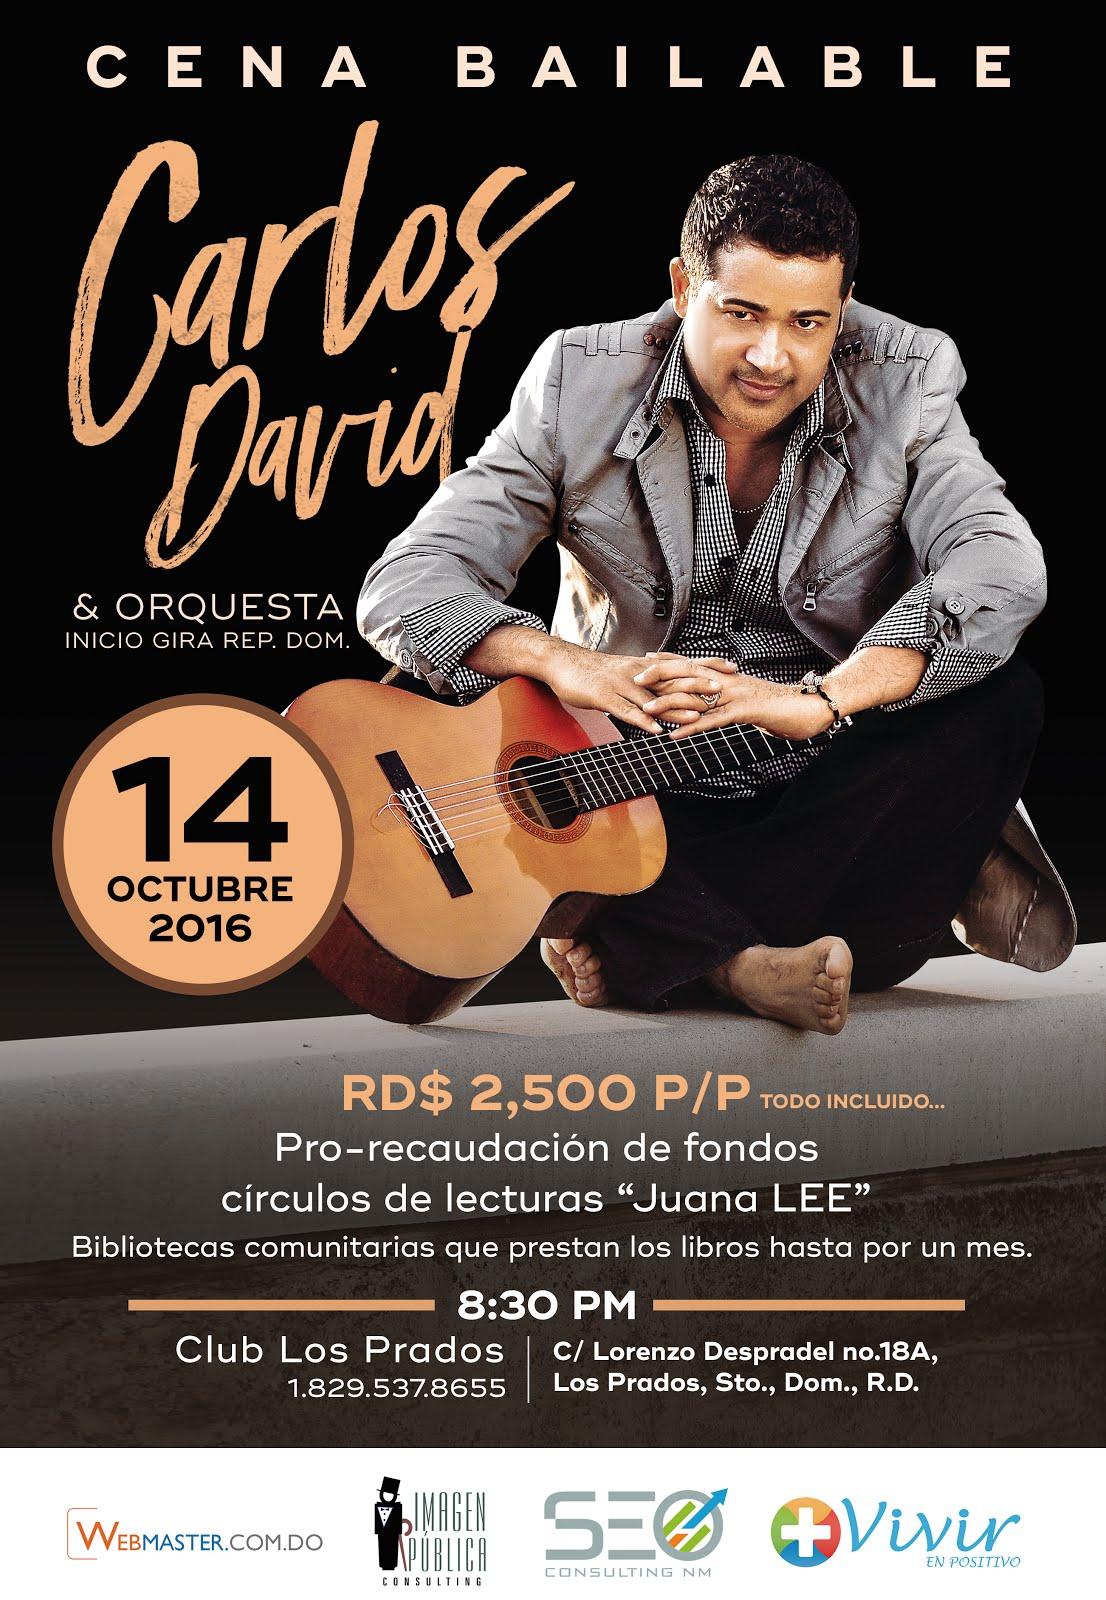 Carlos David en Concierto